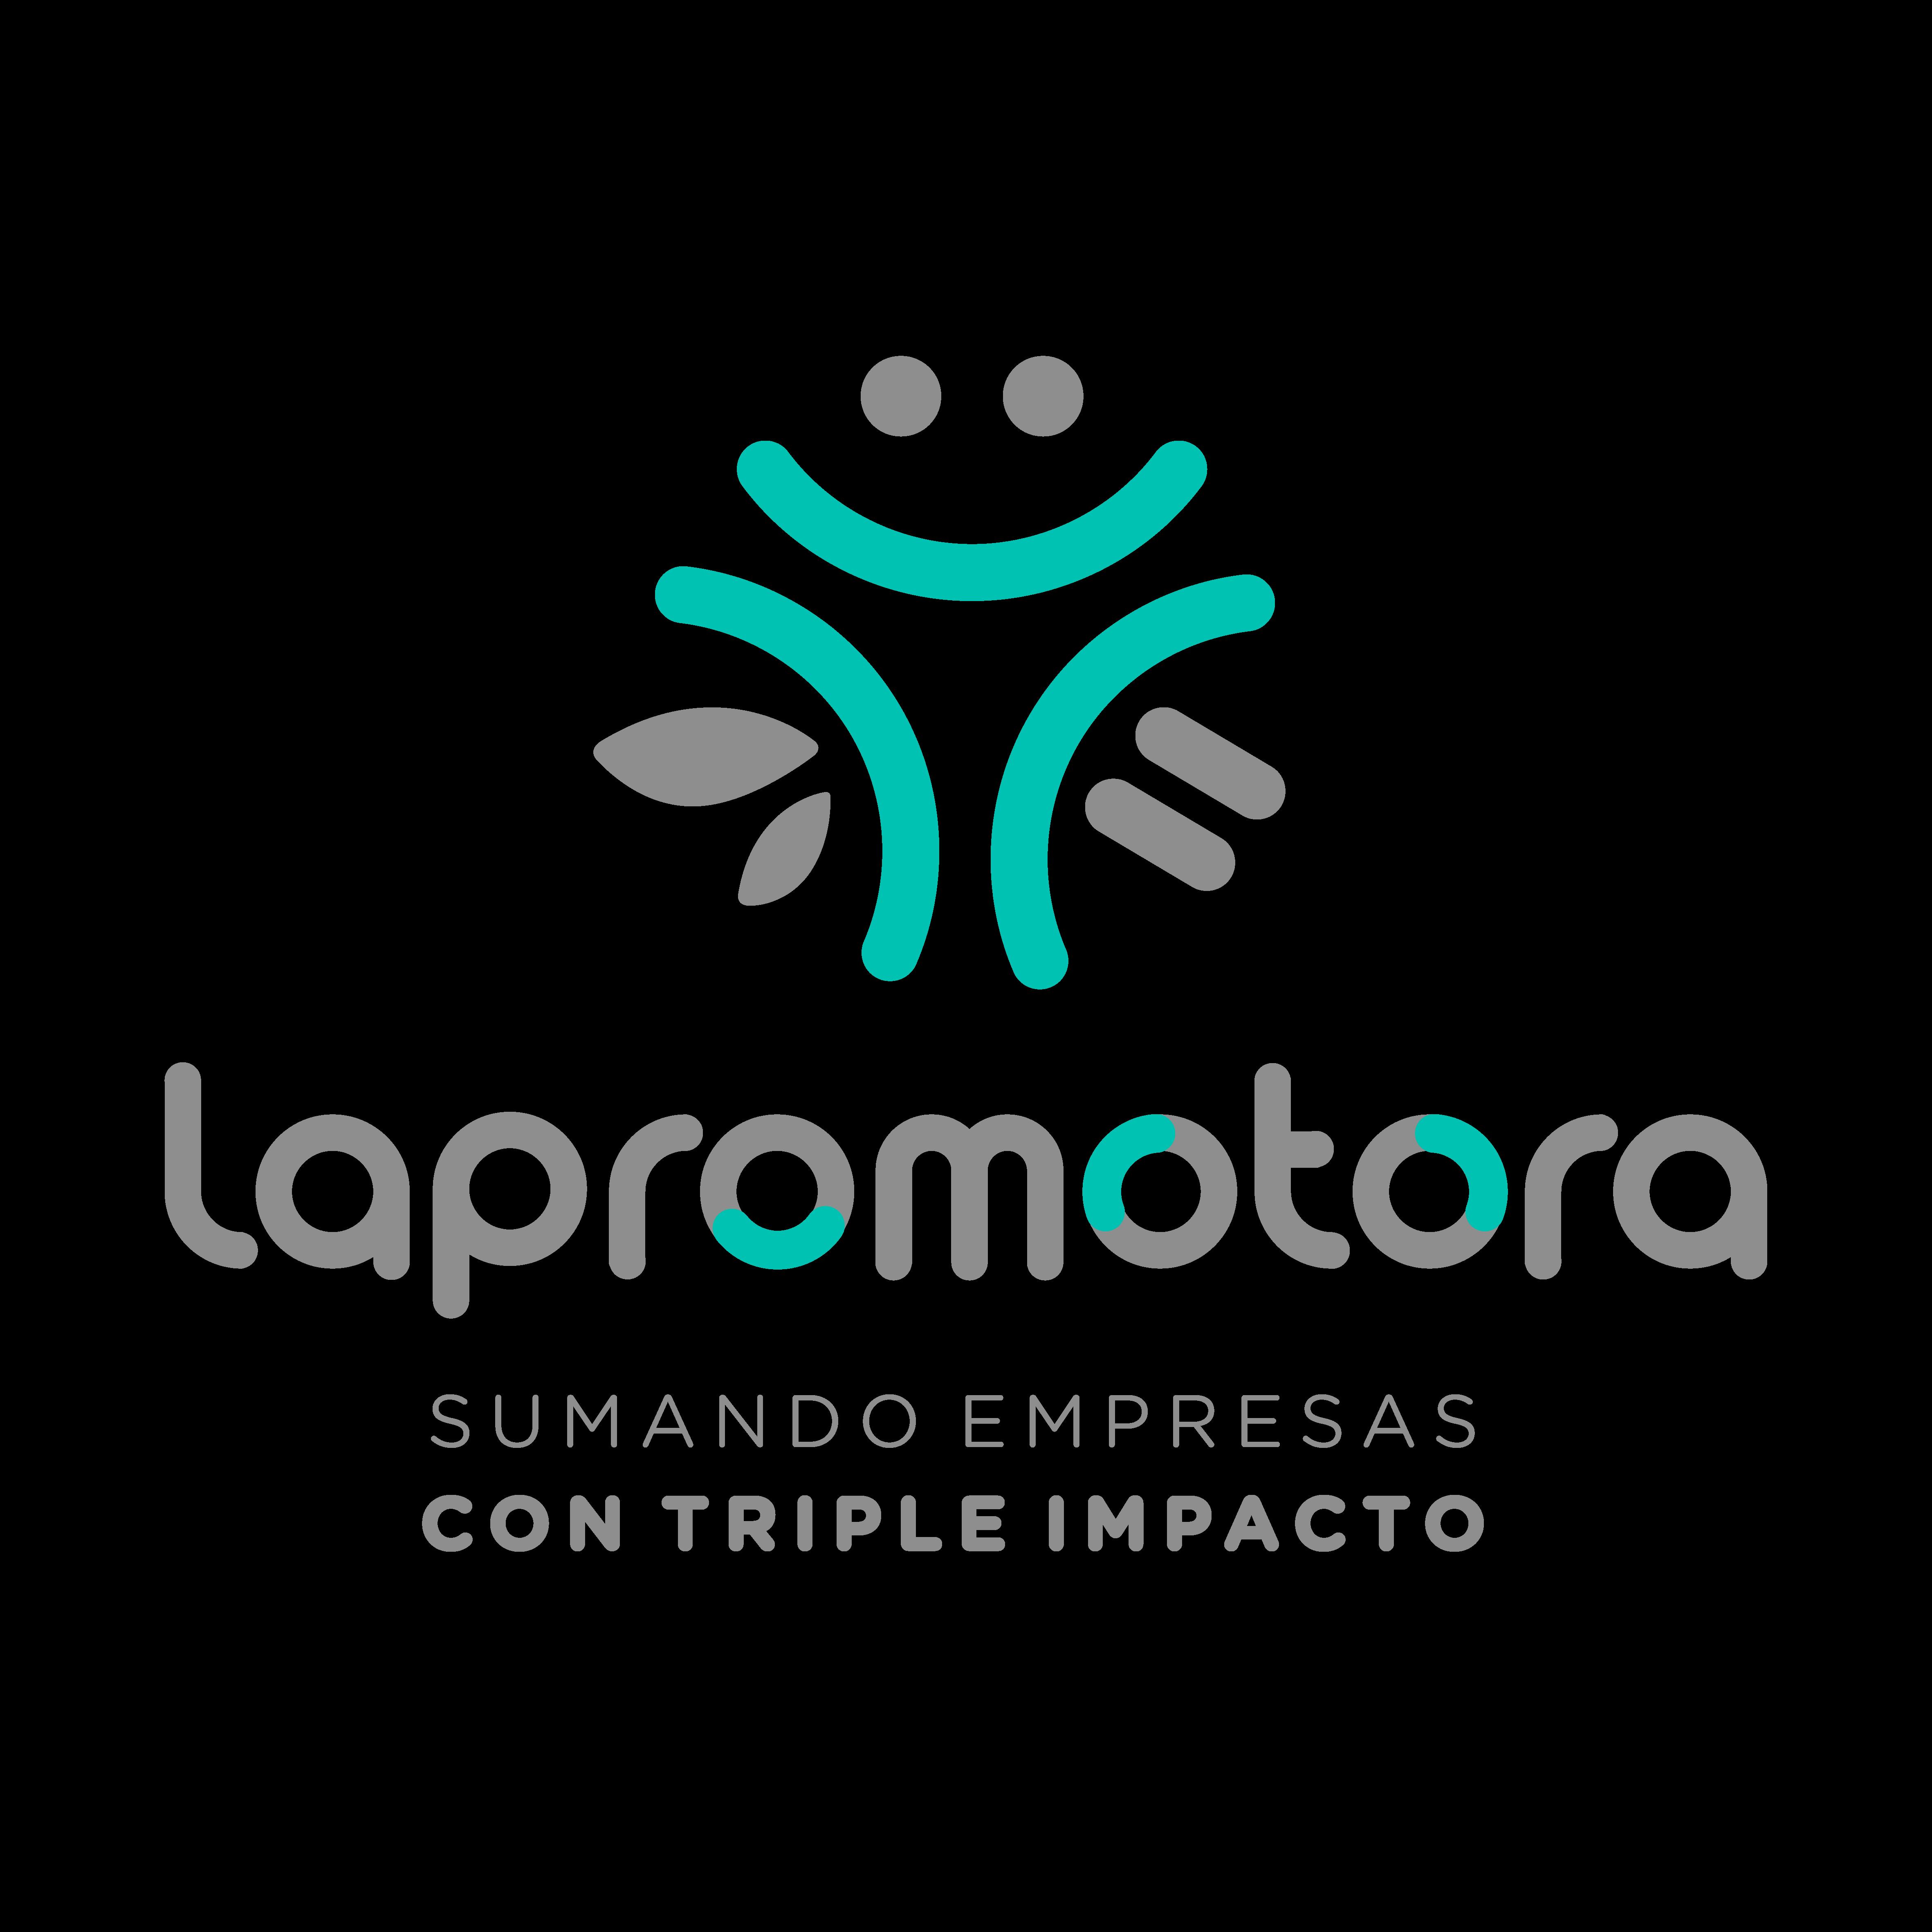 Logo-La-Promotora-empresas-triple-impacto